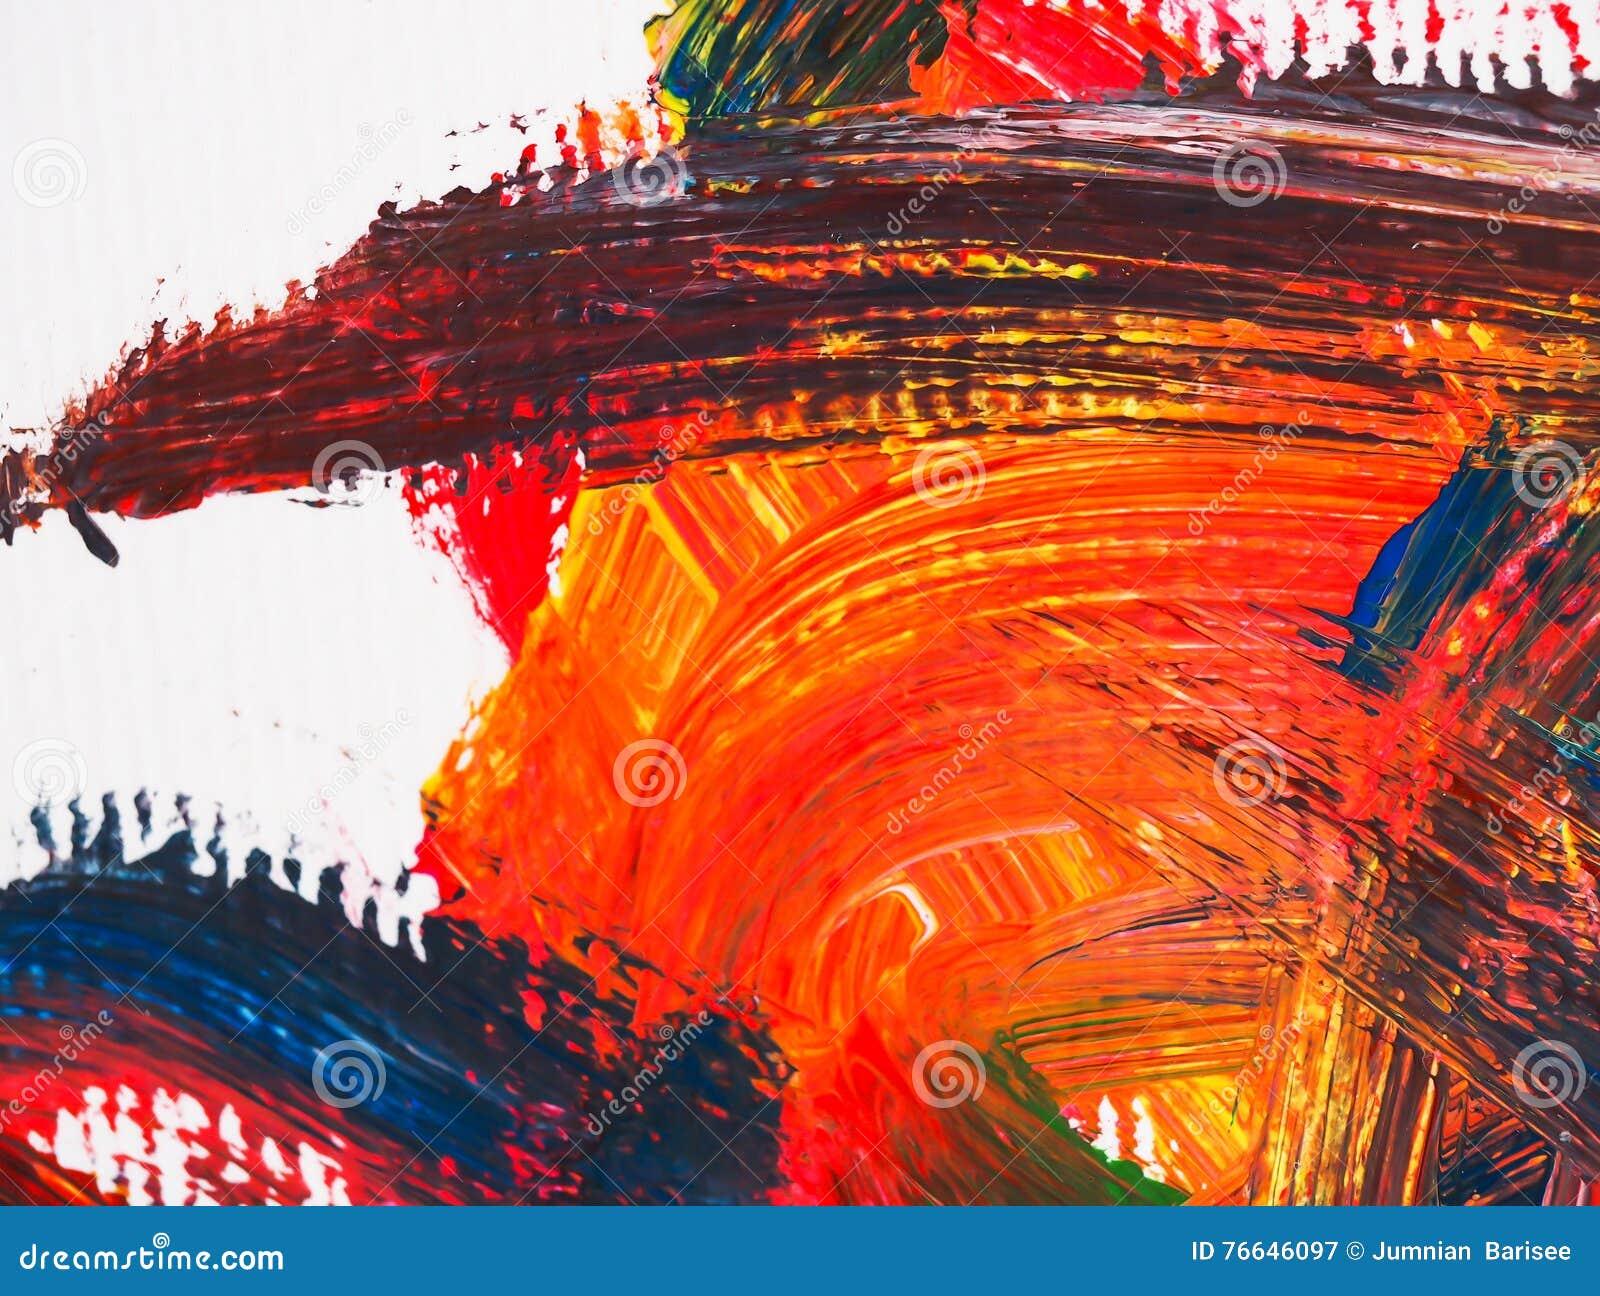 Super Kunsten Die Abstract Water Als Achtergrond Schilderen Acryl Stock DU-14